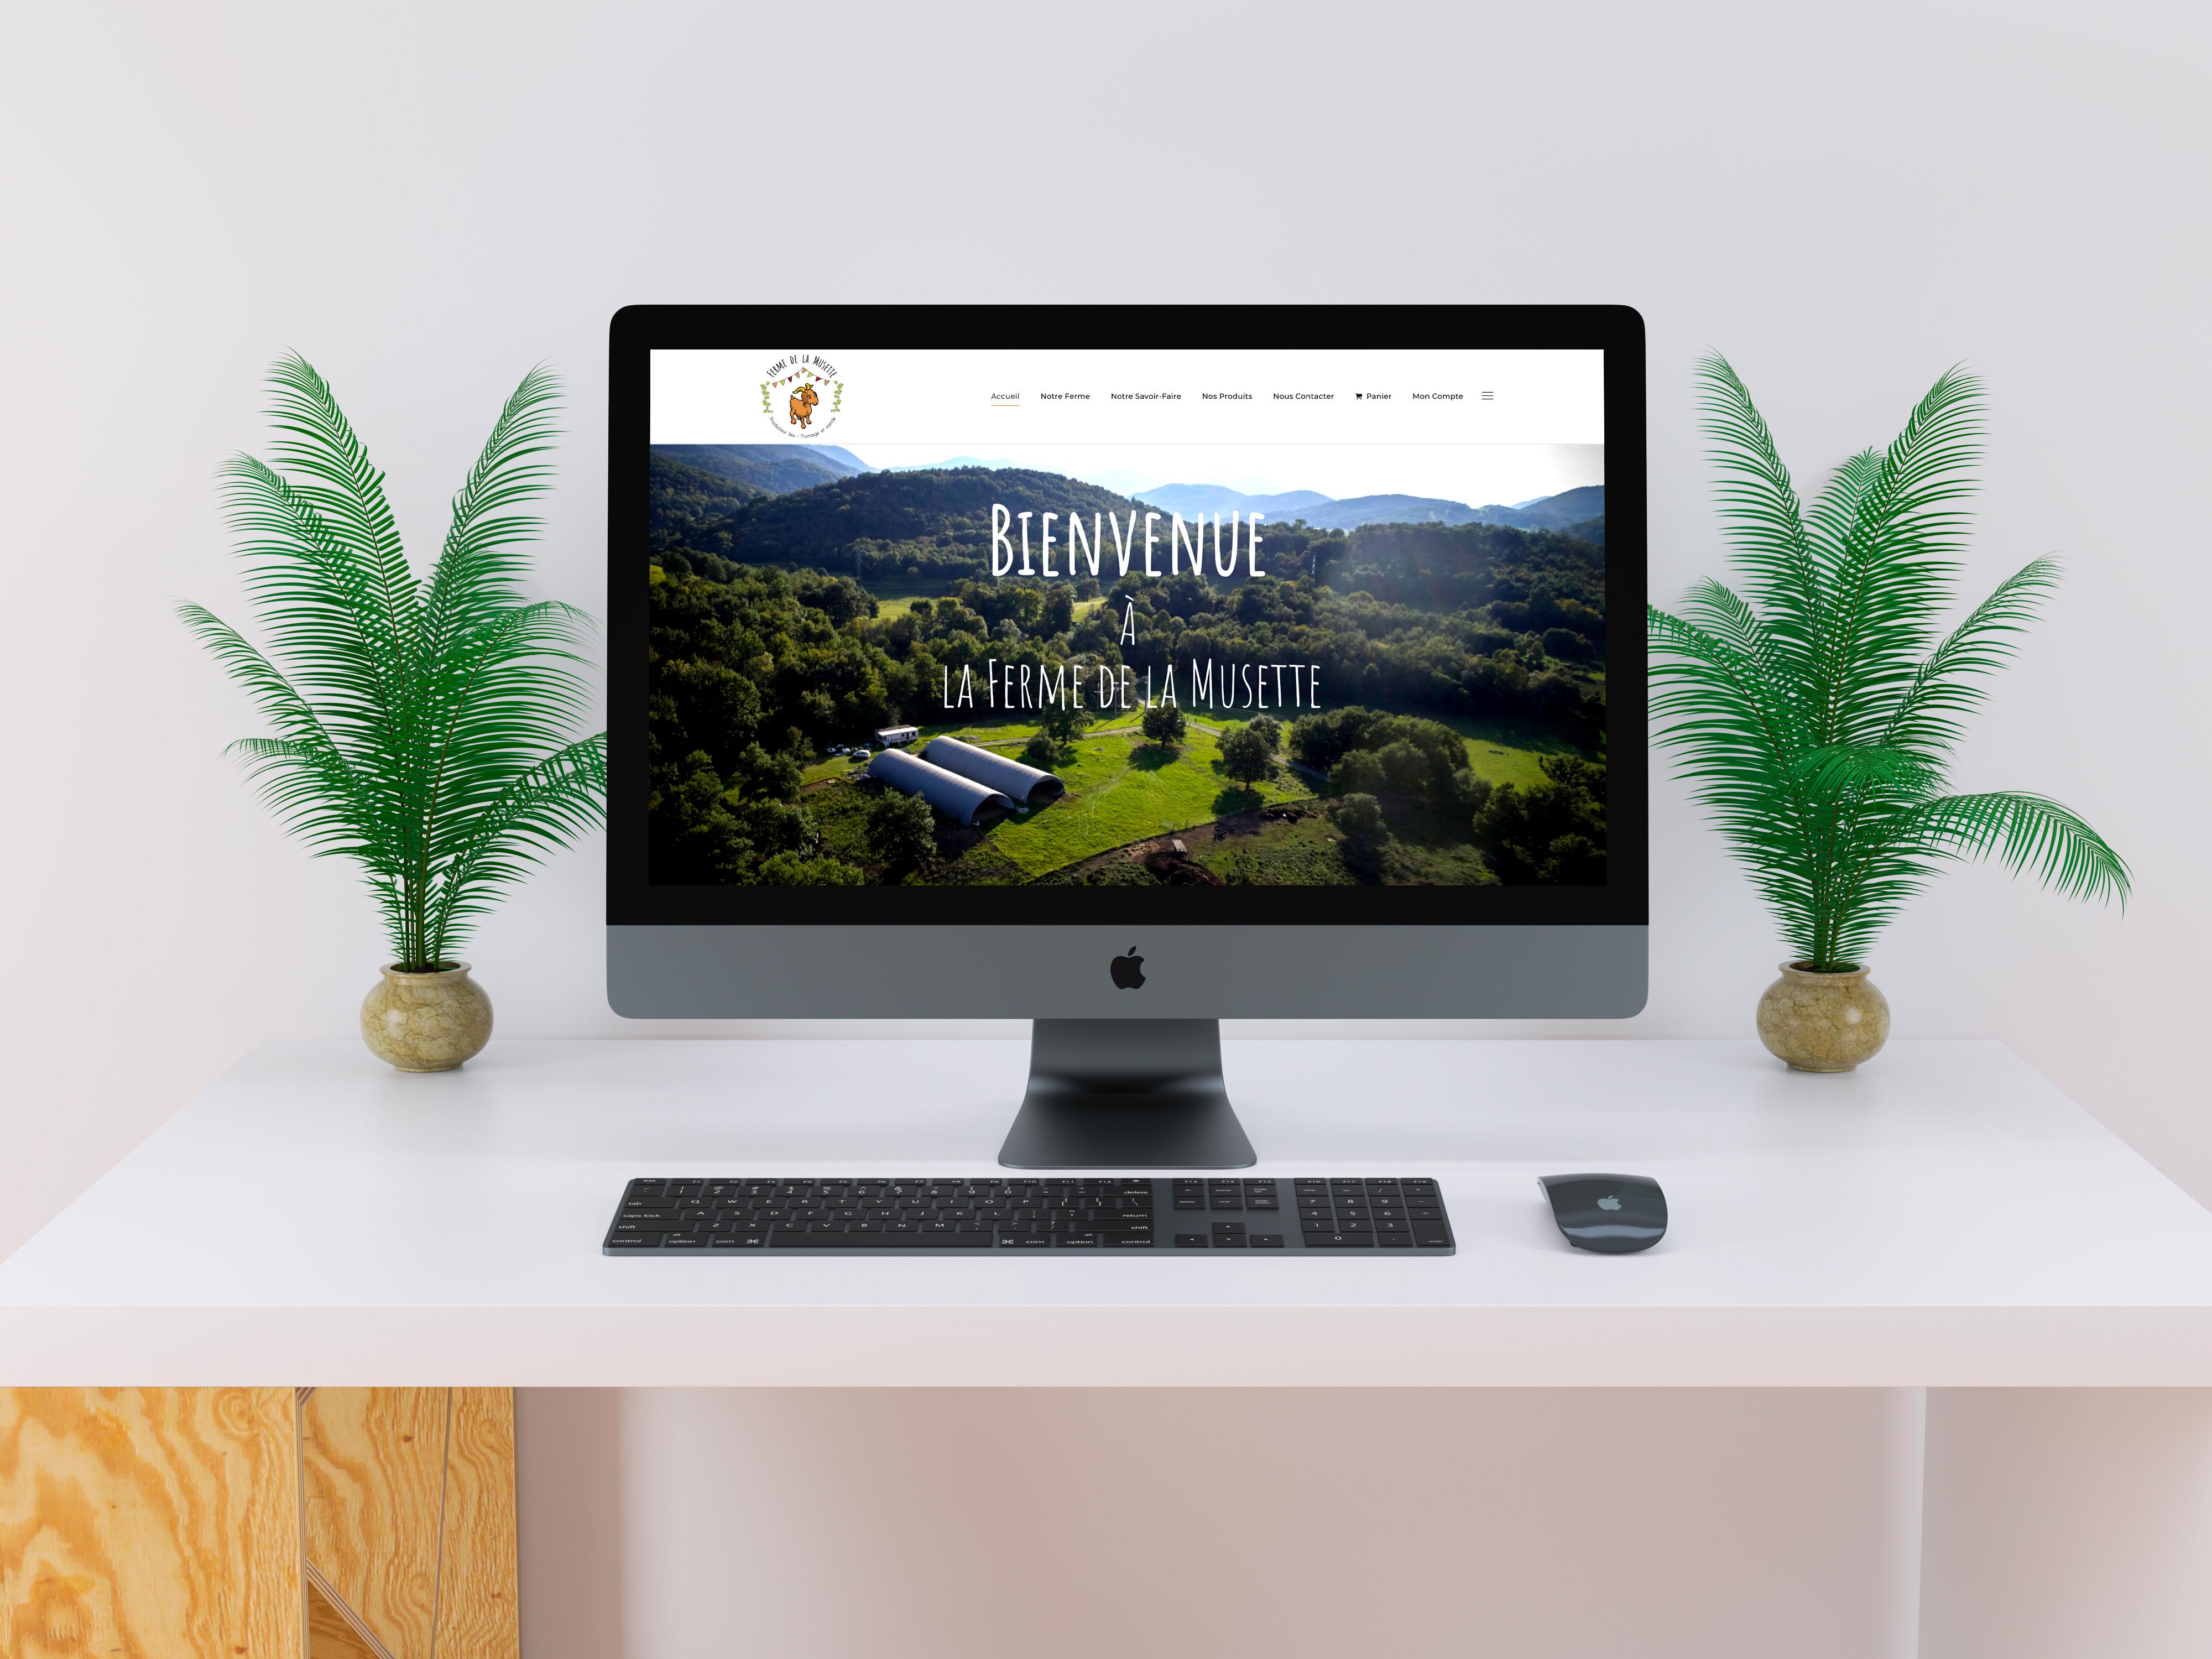 ordinateur avec une site internet d'une ferme sur un bureau blanc et deux plantes